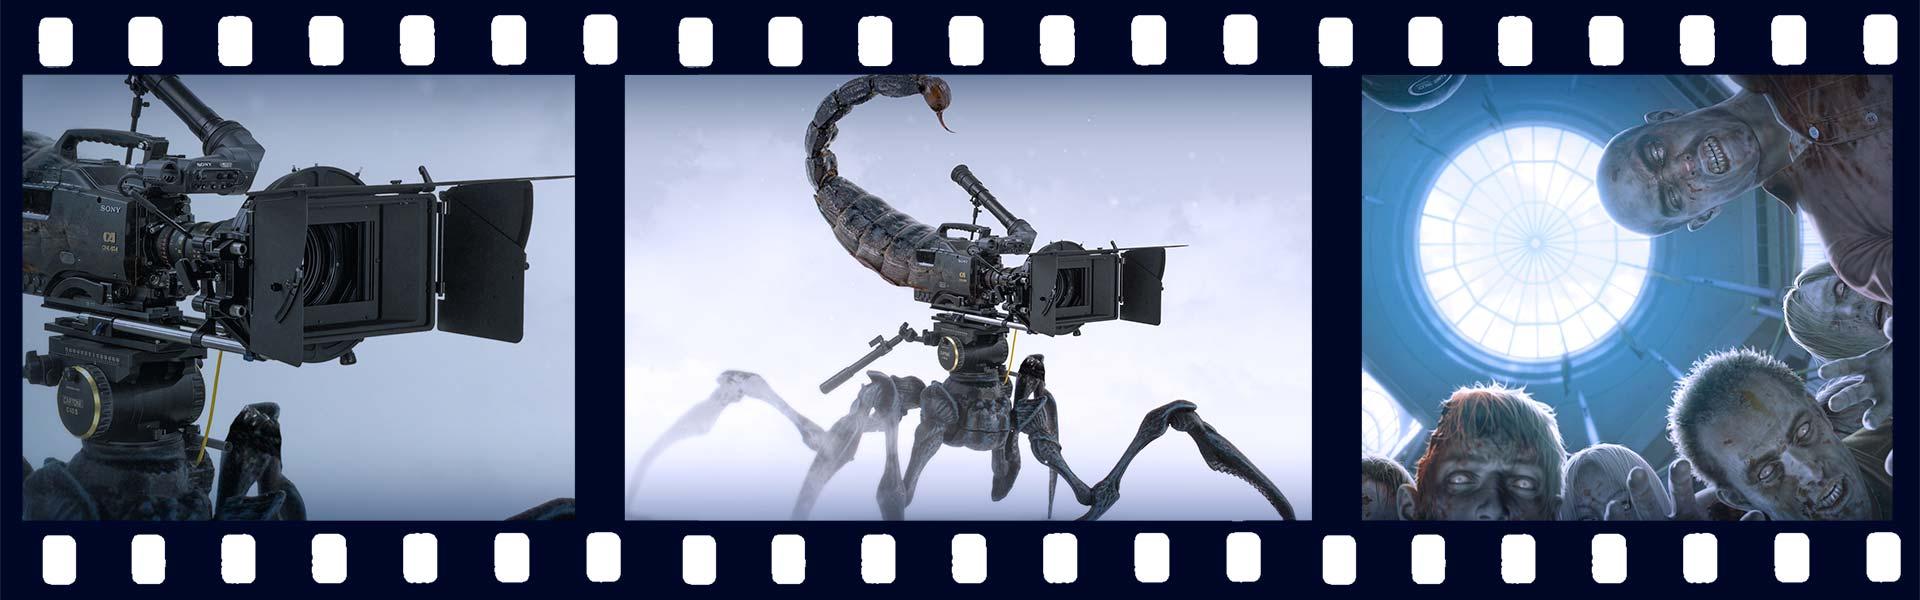 Страх перед видеокамерой